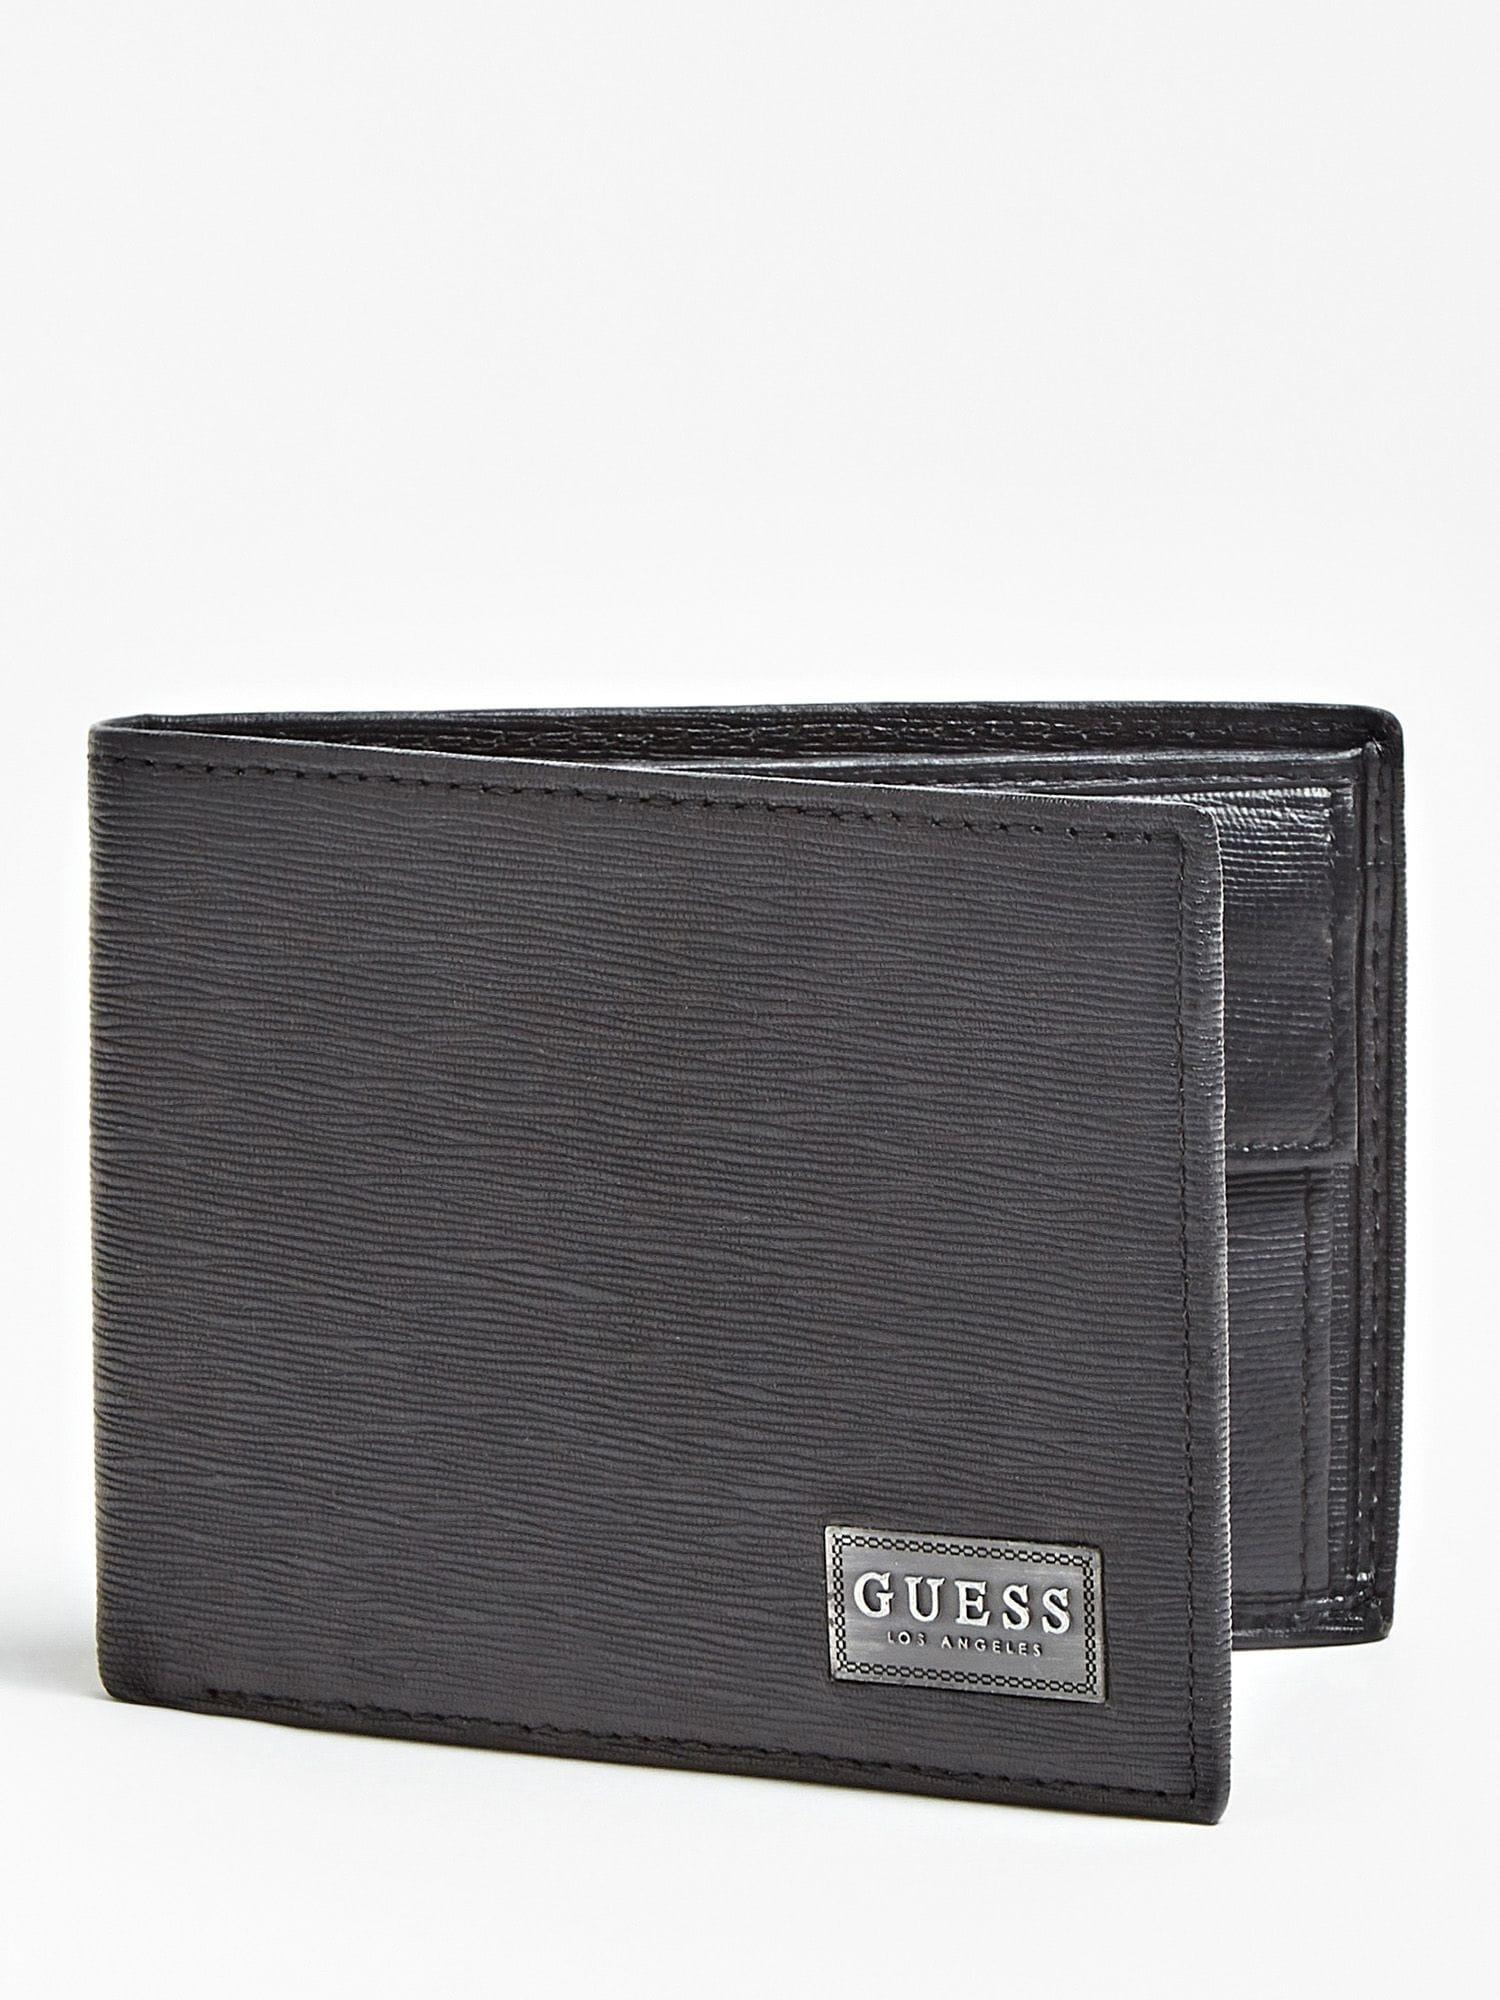 Portemonnaie | Accessoires > Portemonnaies > Sonstige Portemonnaies | Schwarz | Guess